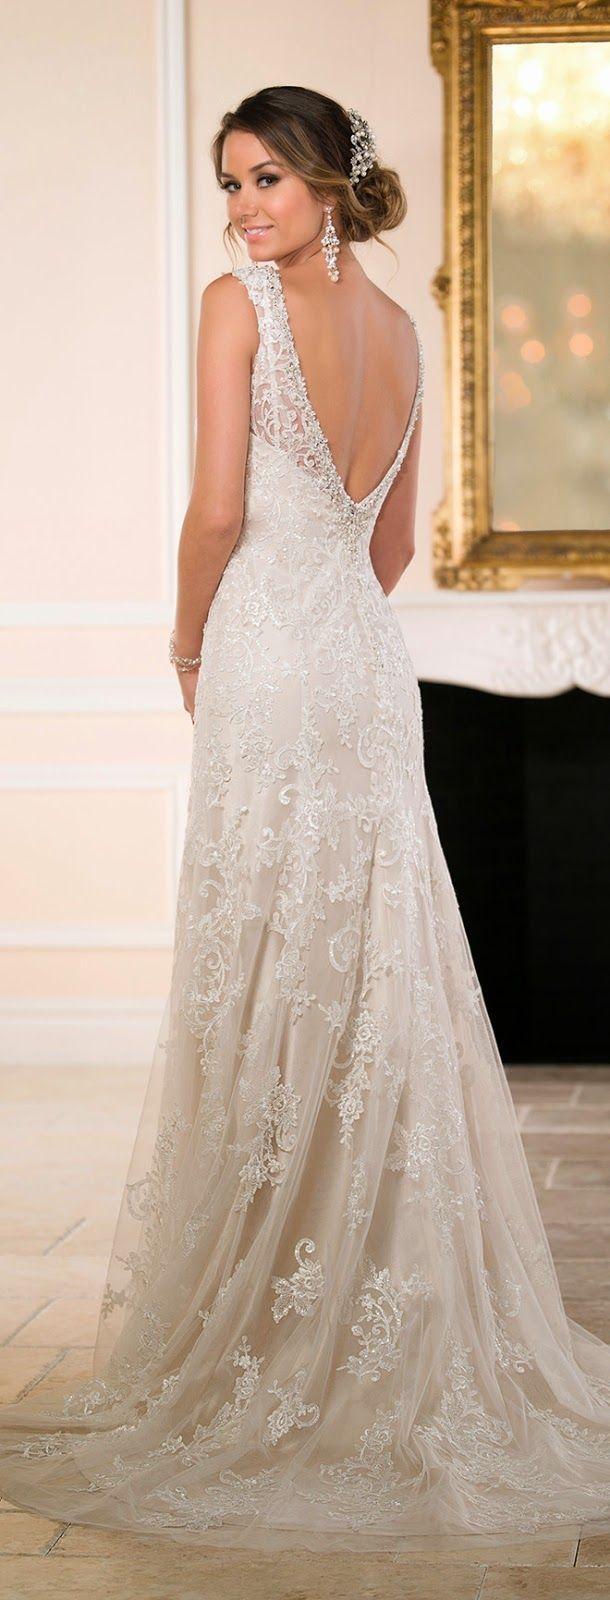 wedding dress hochzeitskleider gebraucht verkaufen 5 besten